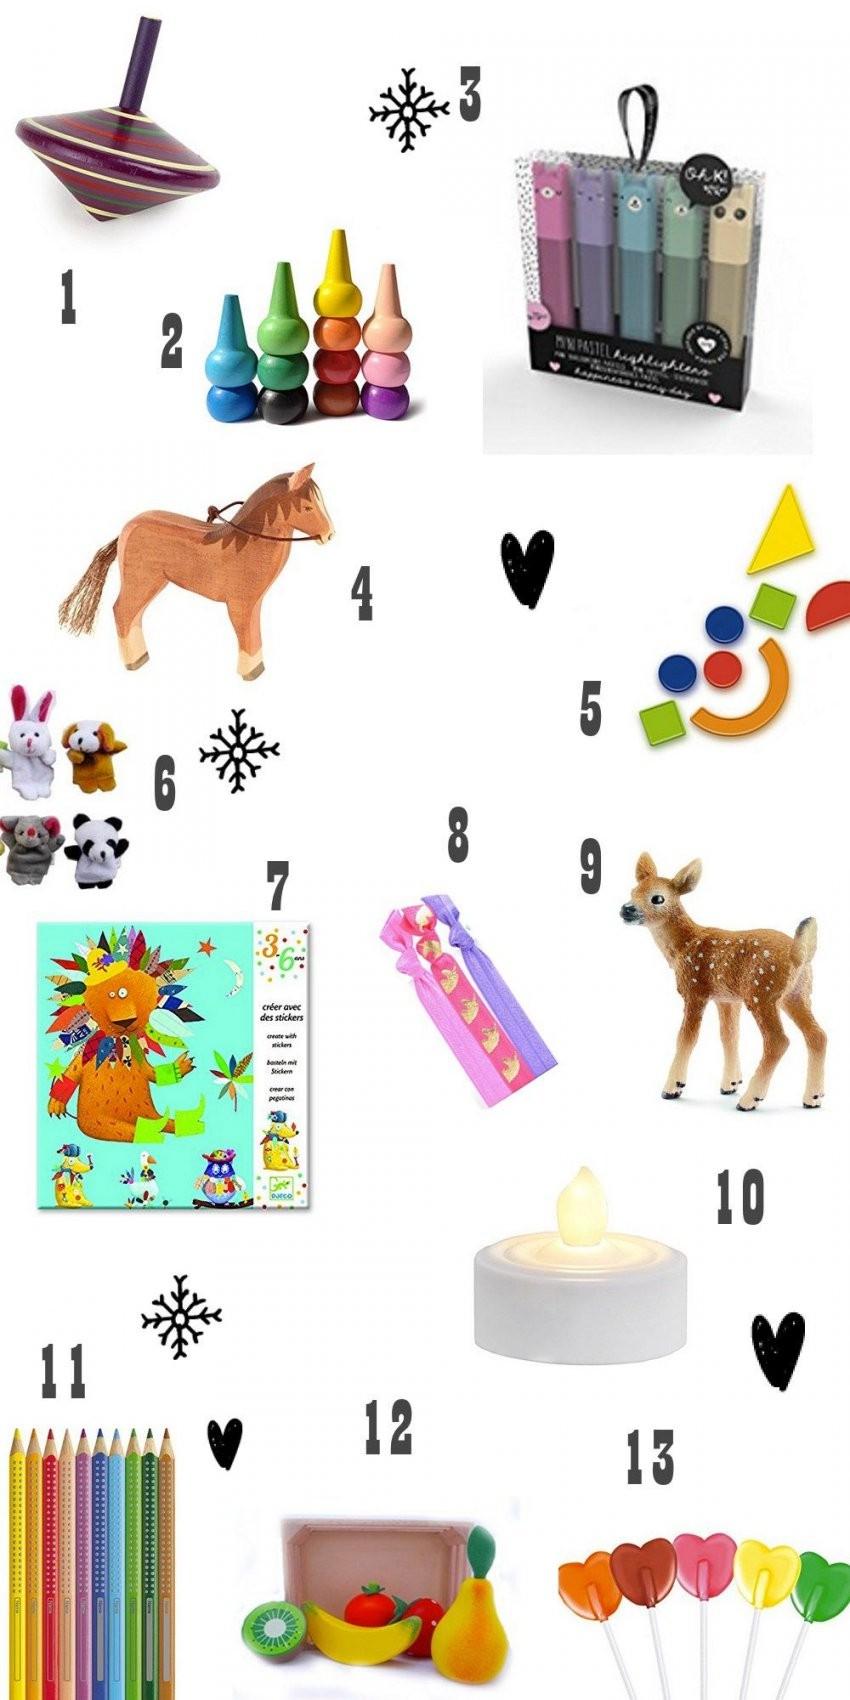 24 Kleinigkeiten  Freude Machen Mit Adventkalender  My Baby von Baby Adventskalender Selber Machen Photo